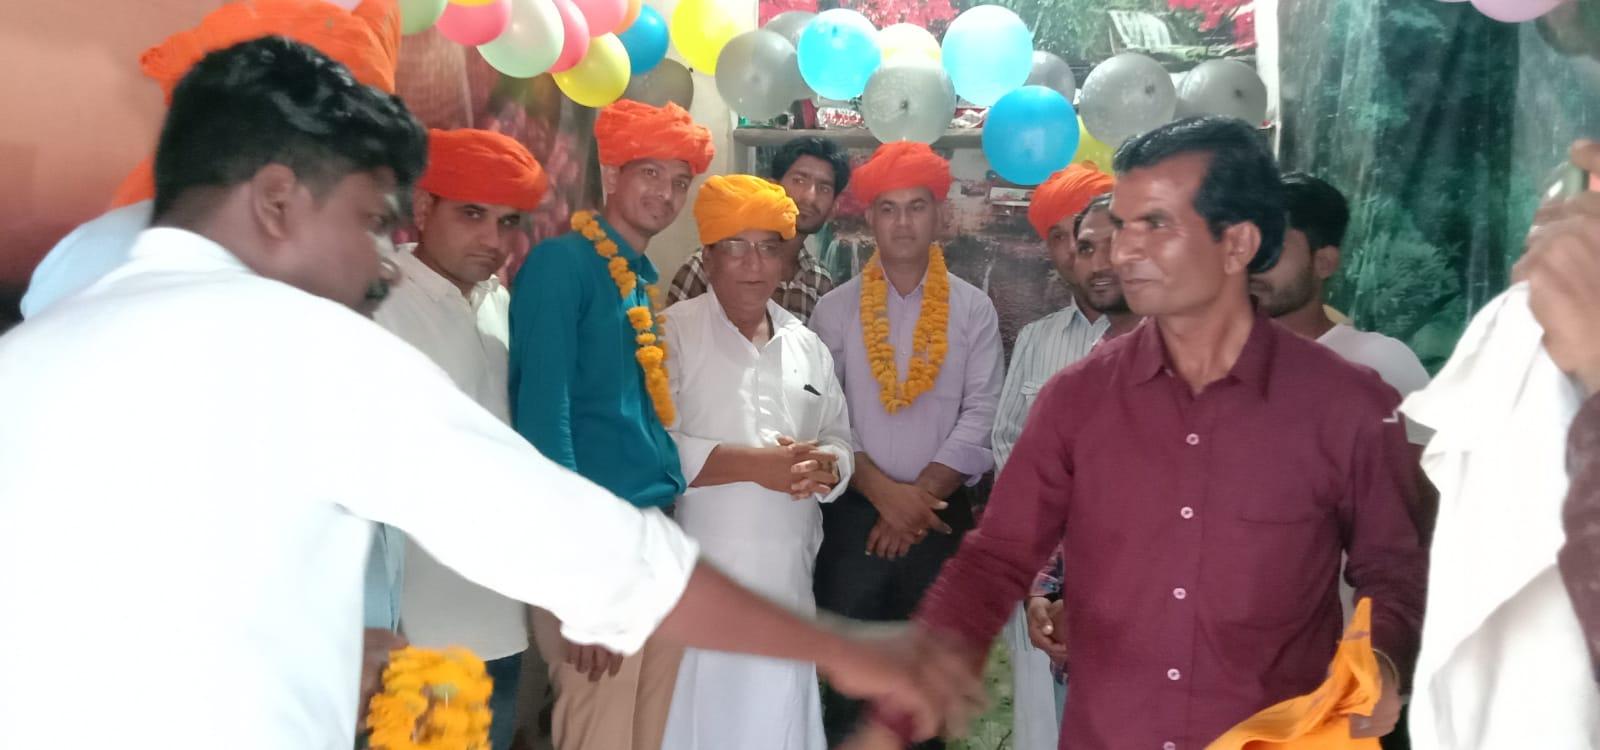 शेख के चितौड़ एवं प्रतापगढ़ जिले का मोर्चा प्रभारी नियुक्त होने पर किया इस्तकबाल